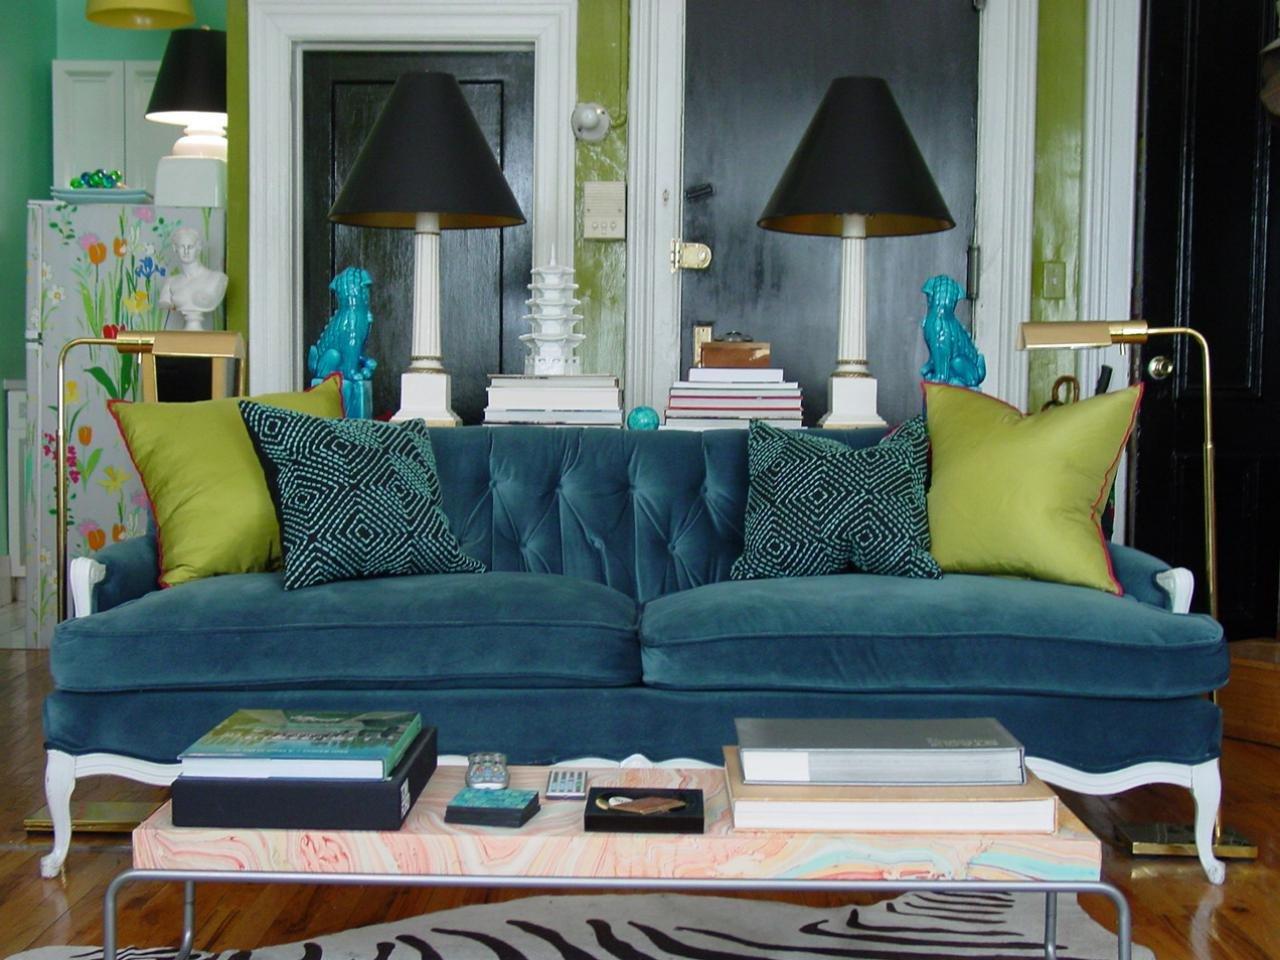 Peacock Decor for Living Room Elegant 5 Small Room Rules to Break